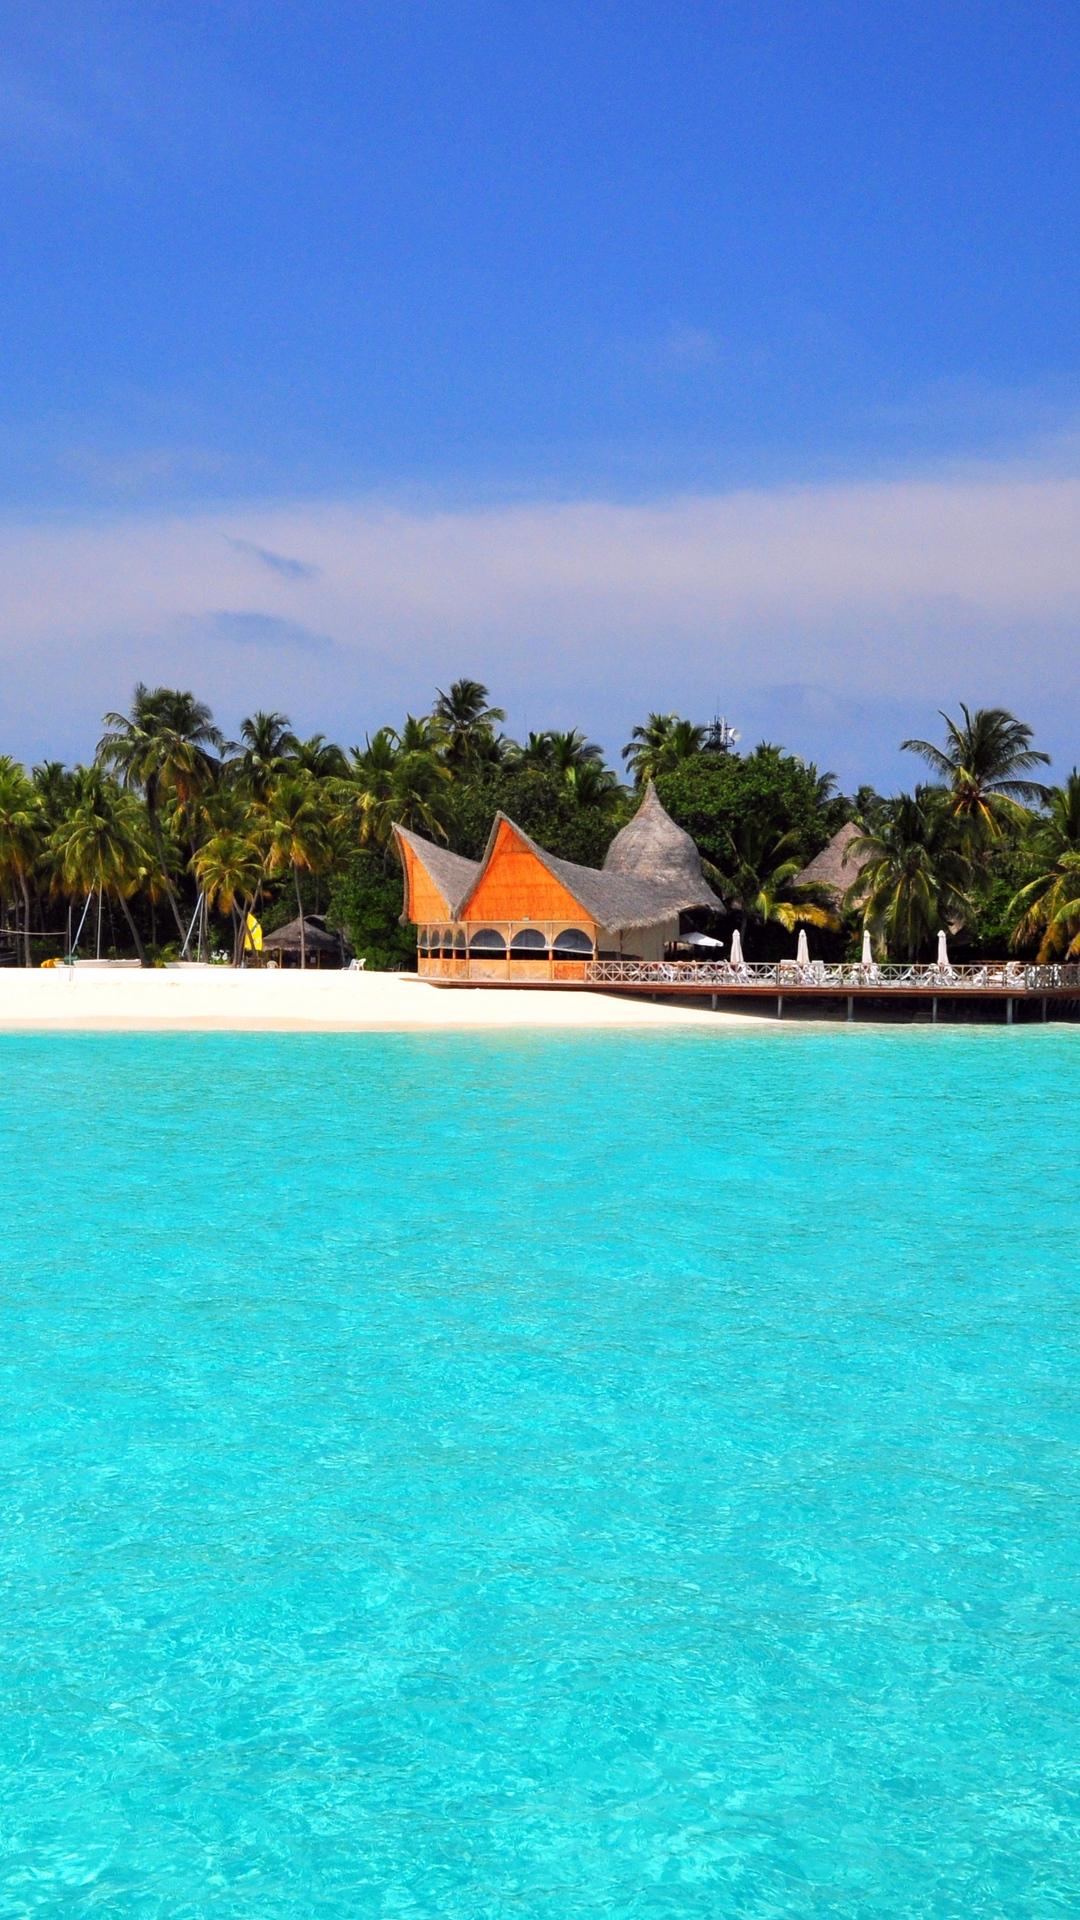 Maldives Tropical Beach Island Wallpaper - 1080x1920